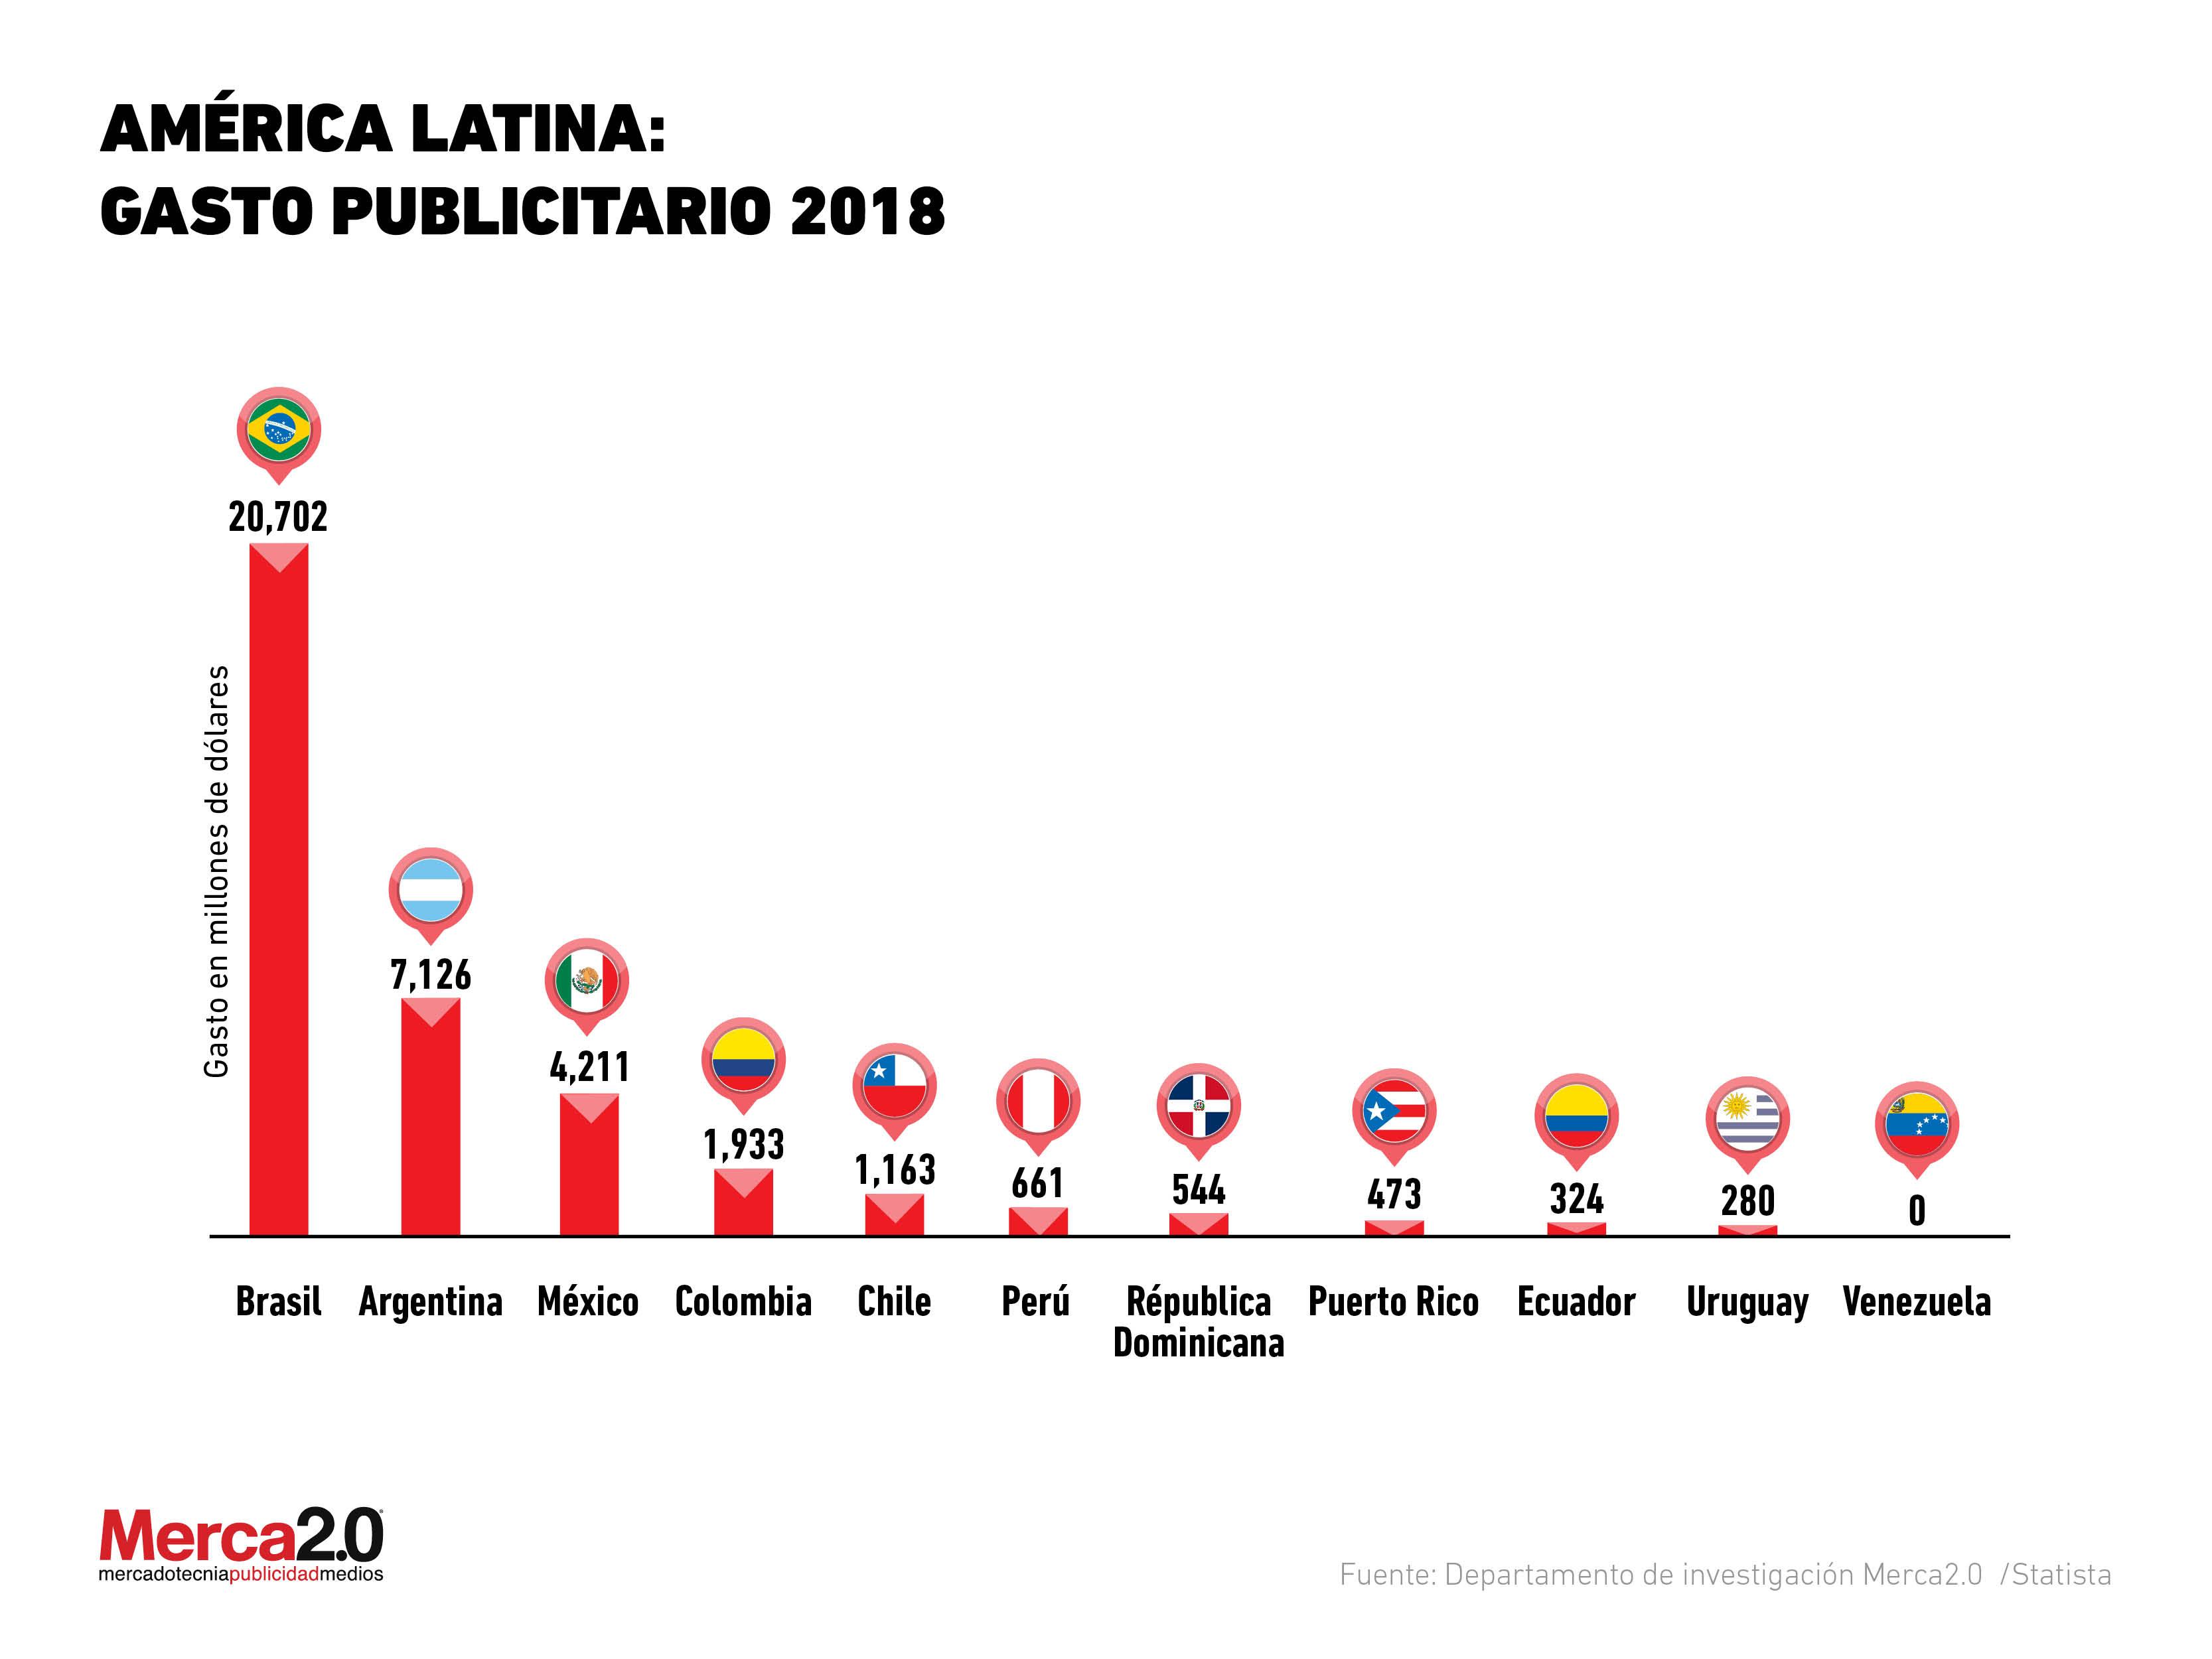 Gasto en publicidad de América Latina 2018